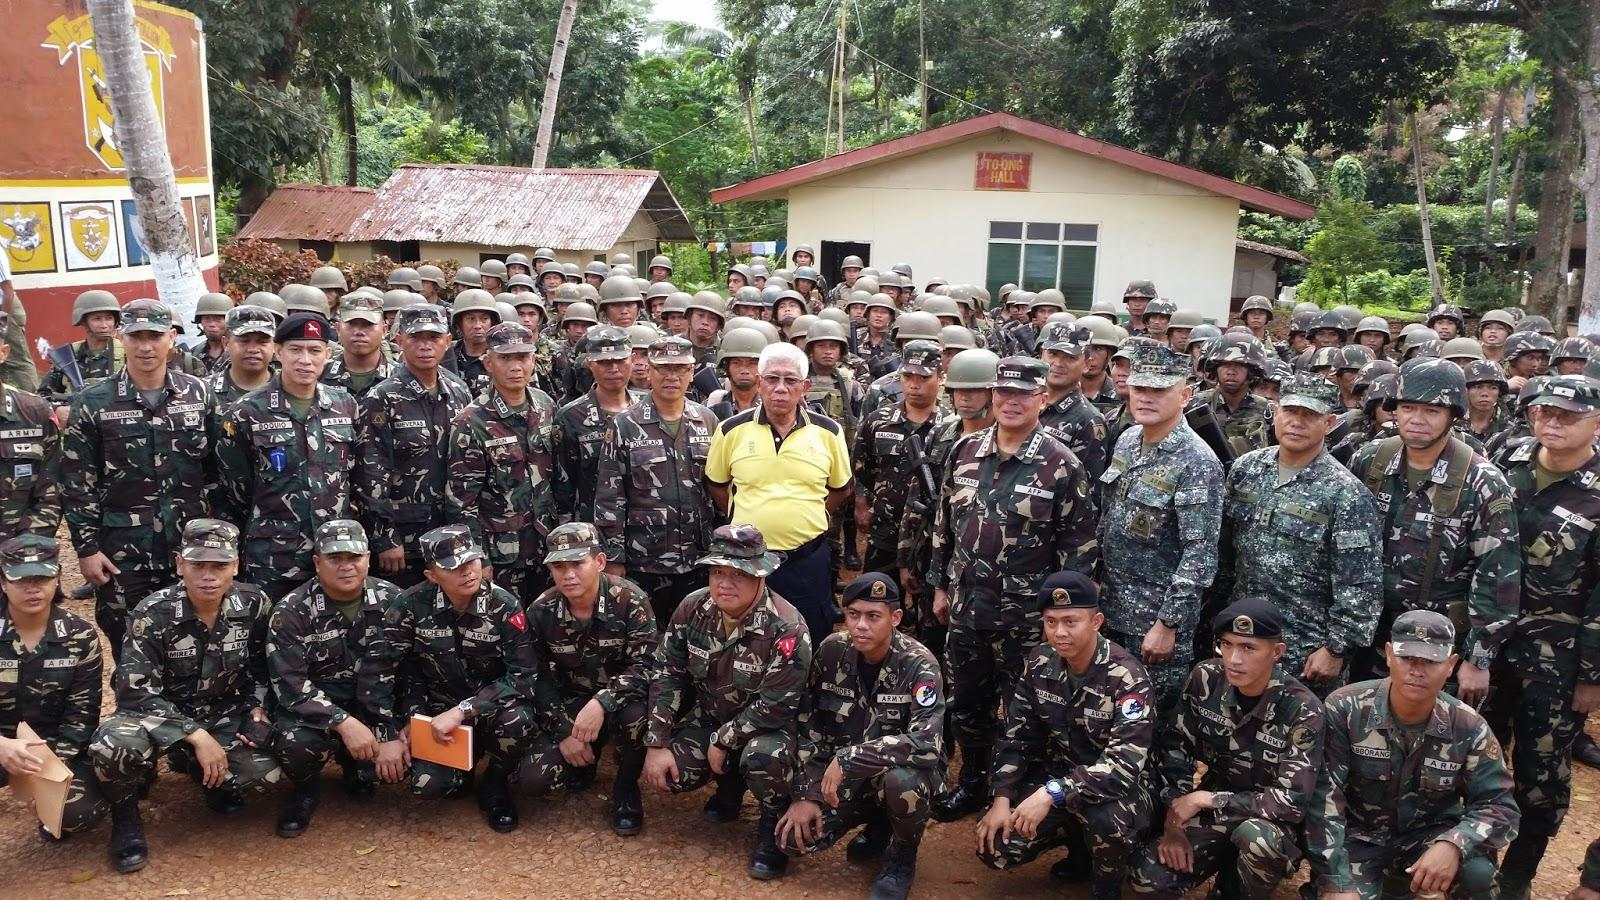 501st Brigade sa Bud Datu, Indanan, Sulu noong ika-30 ng Oktubre 2014